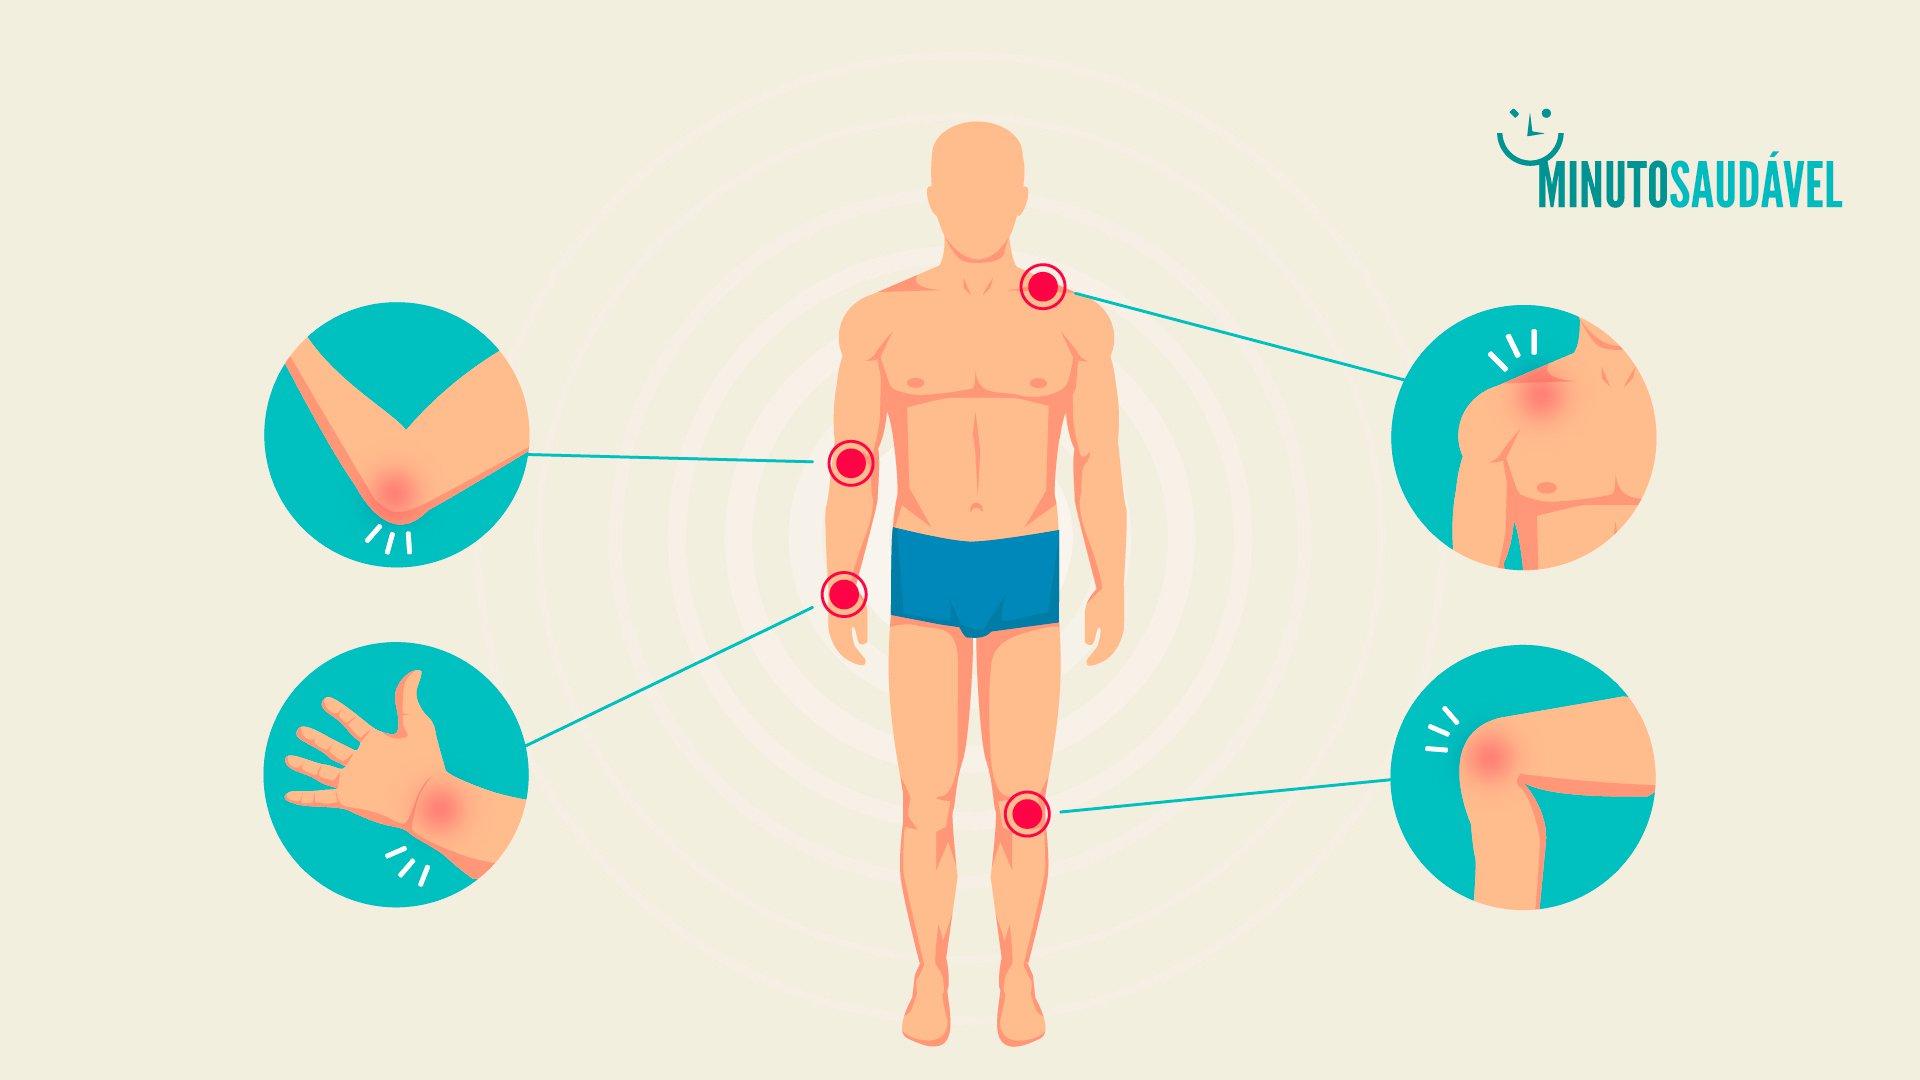 tratamento da dor muscular prednisona